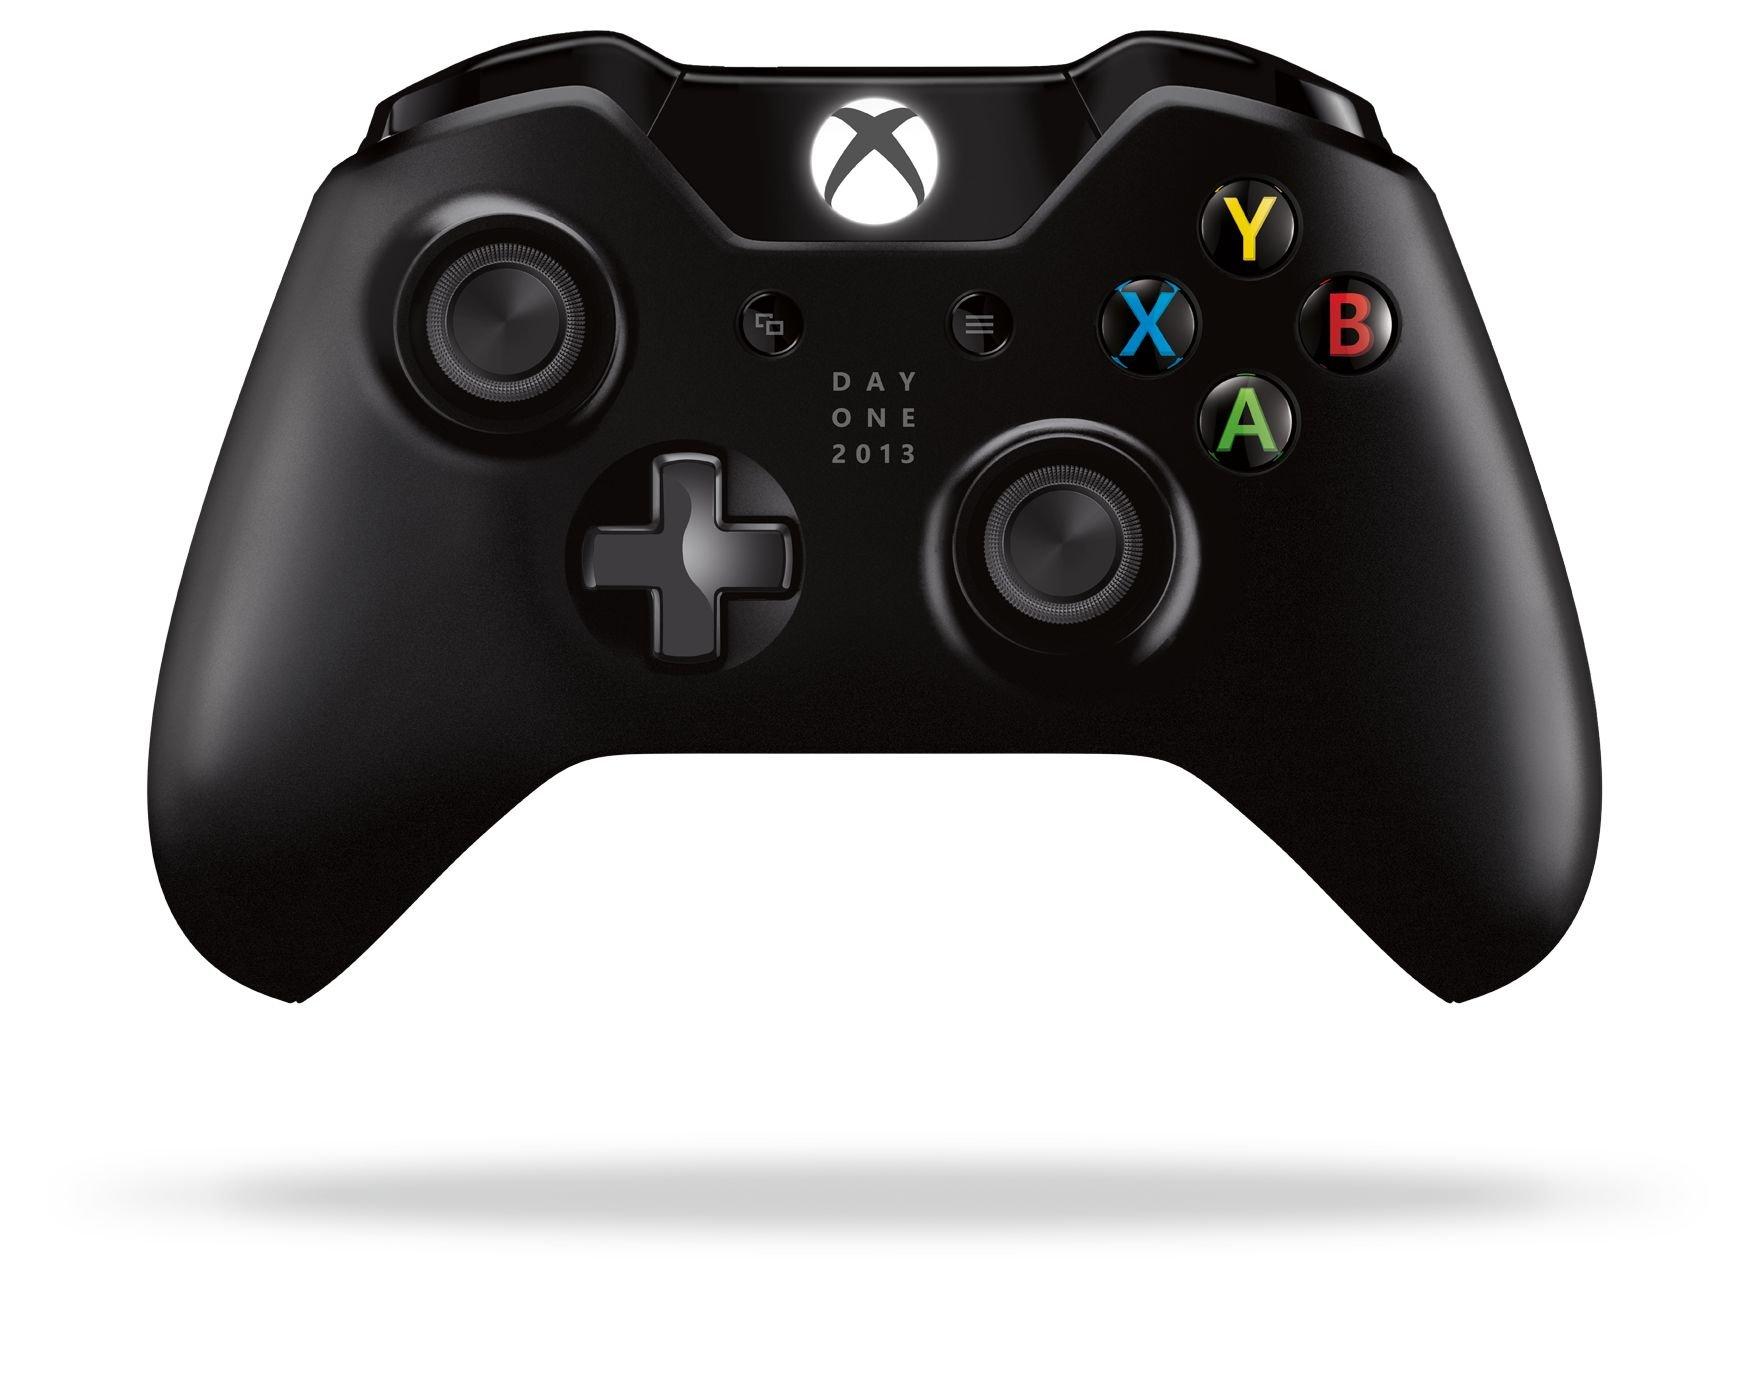 ついに発売時期と価格が明らかになったXbox One。11月発売、499ドルと、ほぼ想定内の内容。今回は、新たな情報として限定版も公開された。「Xbox One Day One Edition」と名付けられた限定版の内容は、文字通りDAY ONE(初日)に購入したことを示す「DAY ONE 2013」と刻印された特別コントローラー、1年間のXbox LIVEゴールドメンバーシップ、そして「DAY ONE 2013」購入の実績! 価格は同じ499ドル